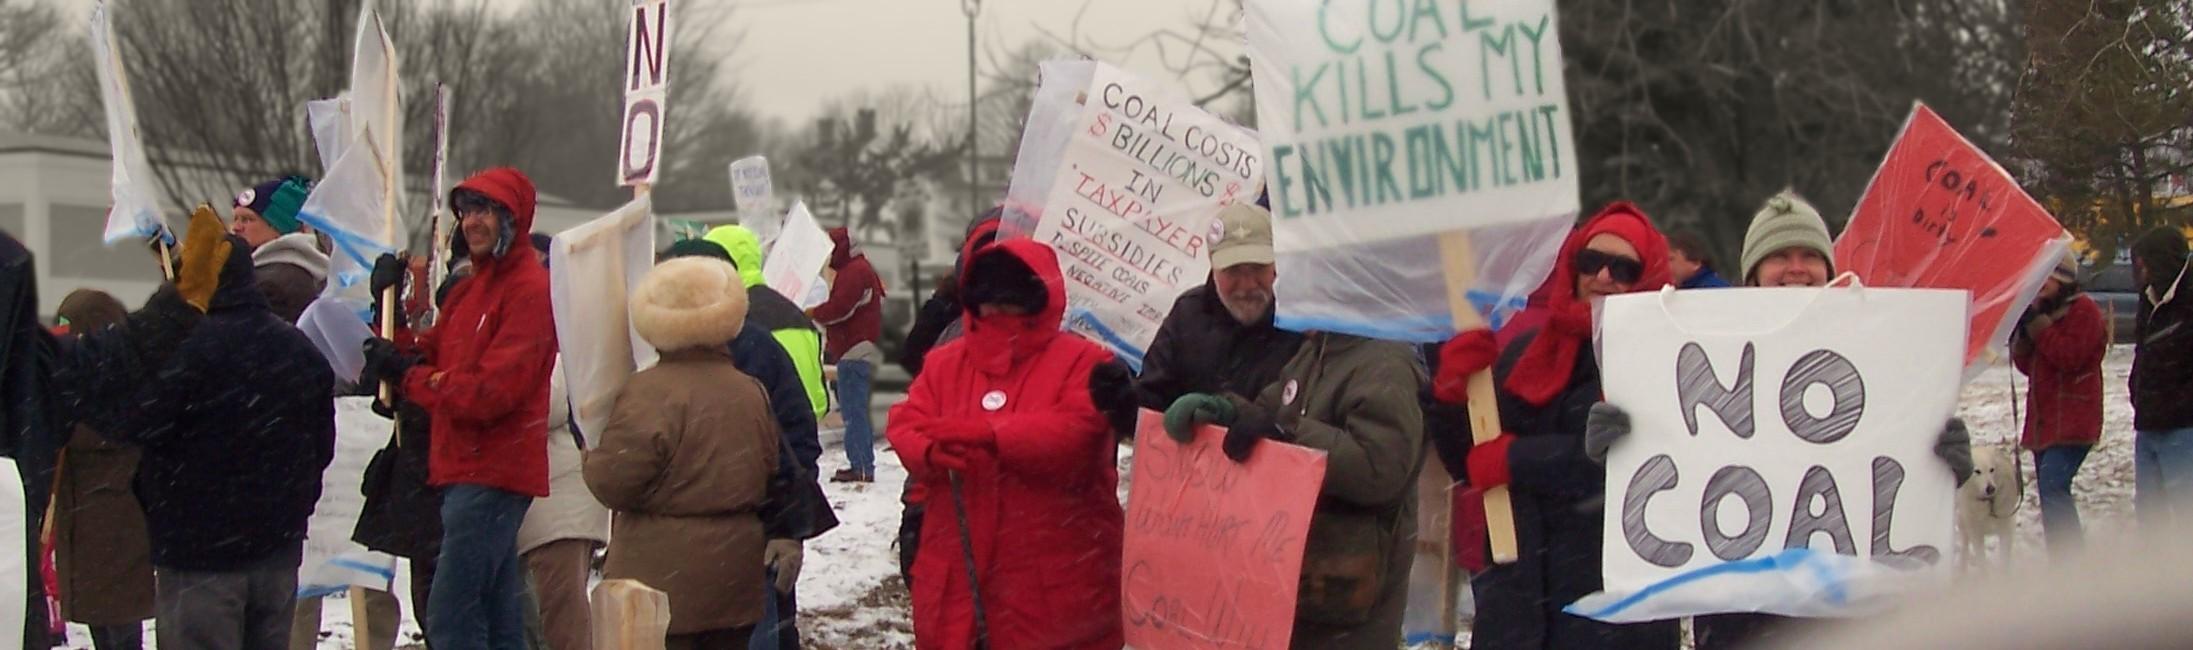 somerset coal demonstrators